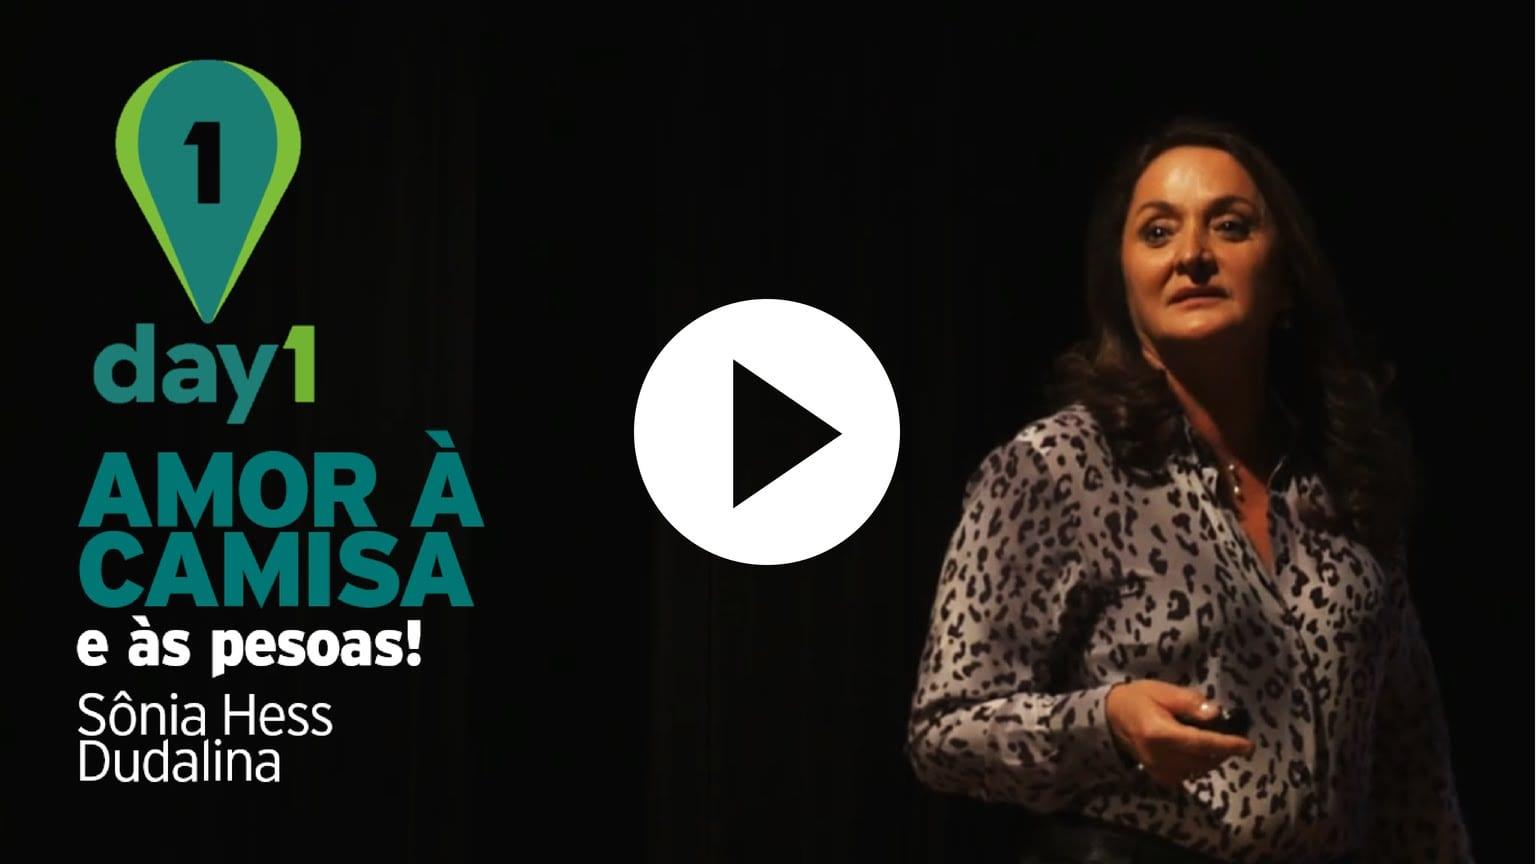 Day1 | A história de sucesso – Sônia Hess [Dudalina]